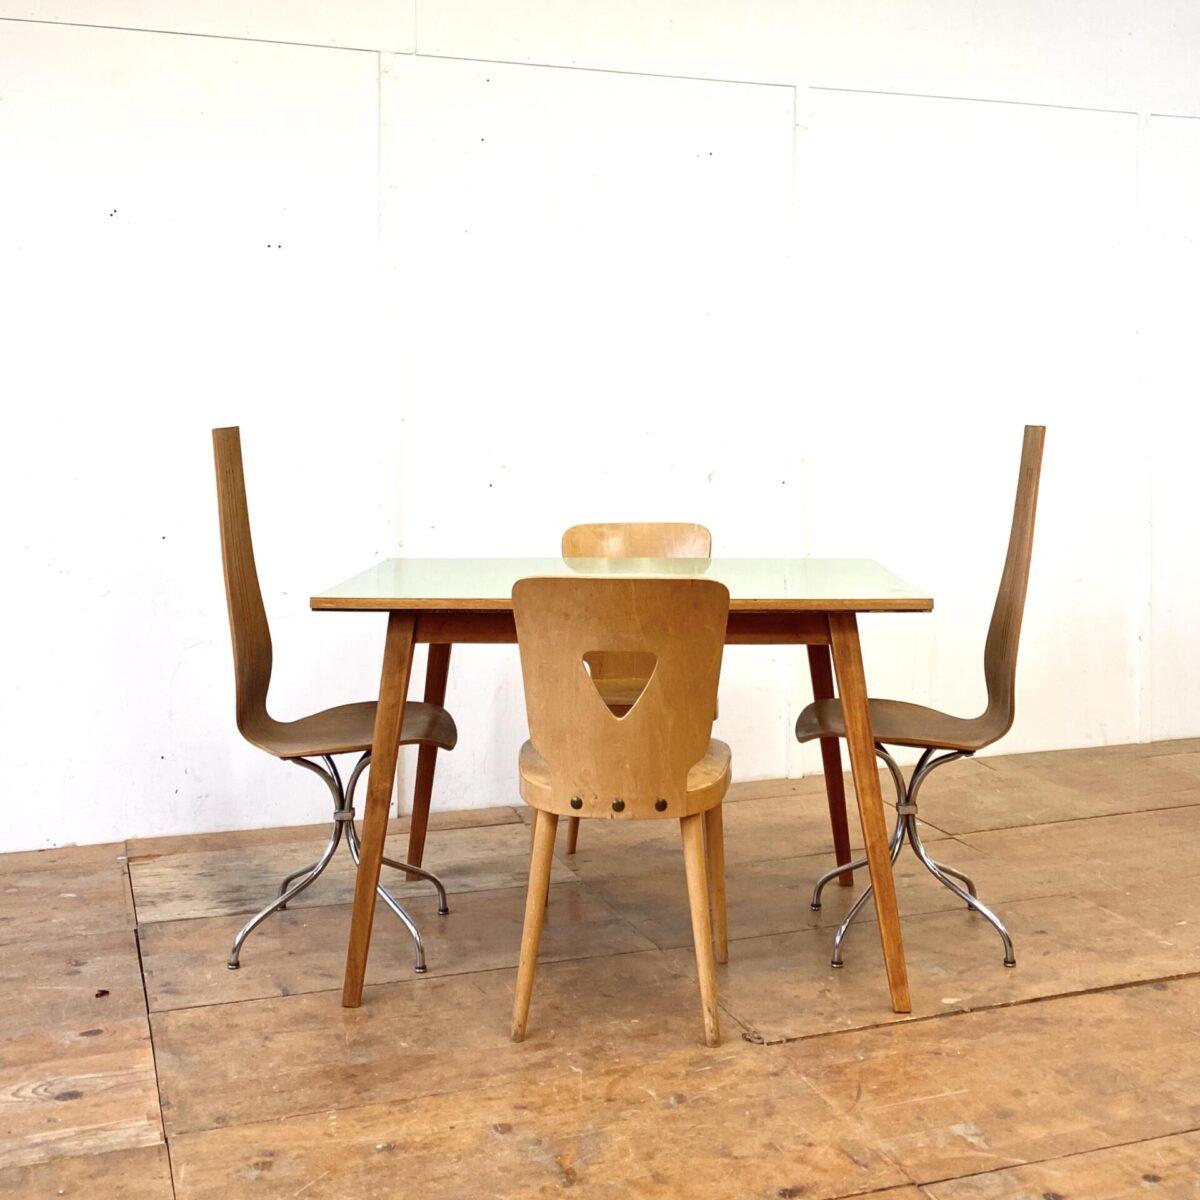 Deuxieme.shop 50er Jahre Schreibtisch swissdesign. Küchentisch mit grünem Kunstharz (Kelko) Tischblatt. 115x80cm Höhe 75cm. Die konischen Beine sind aus Buchenholz mit Alterspatina, das Tischblatt ist abgesehen von ein paar kleinen Kratzern in schönem Zustand.